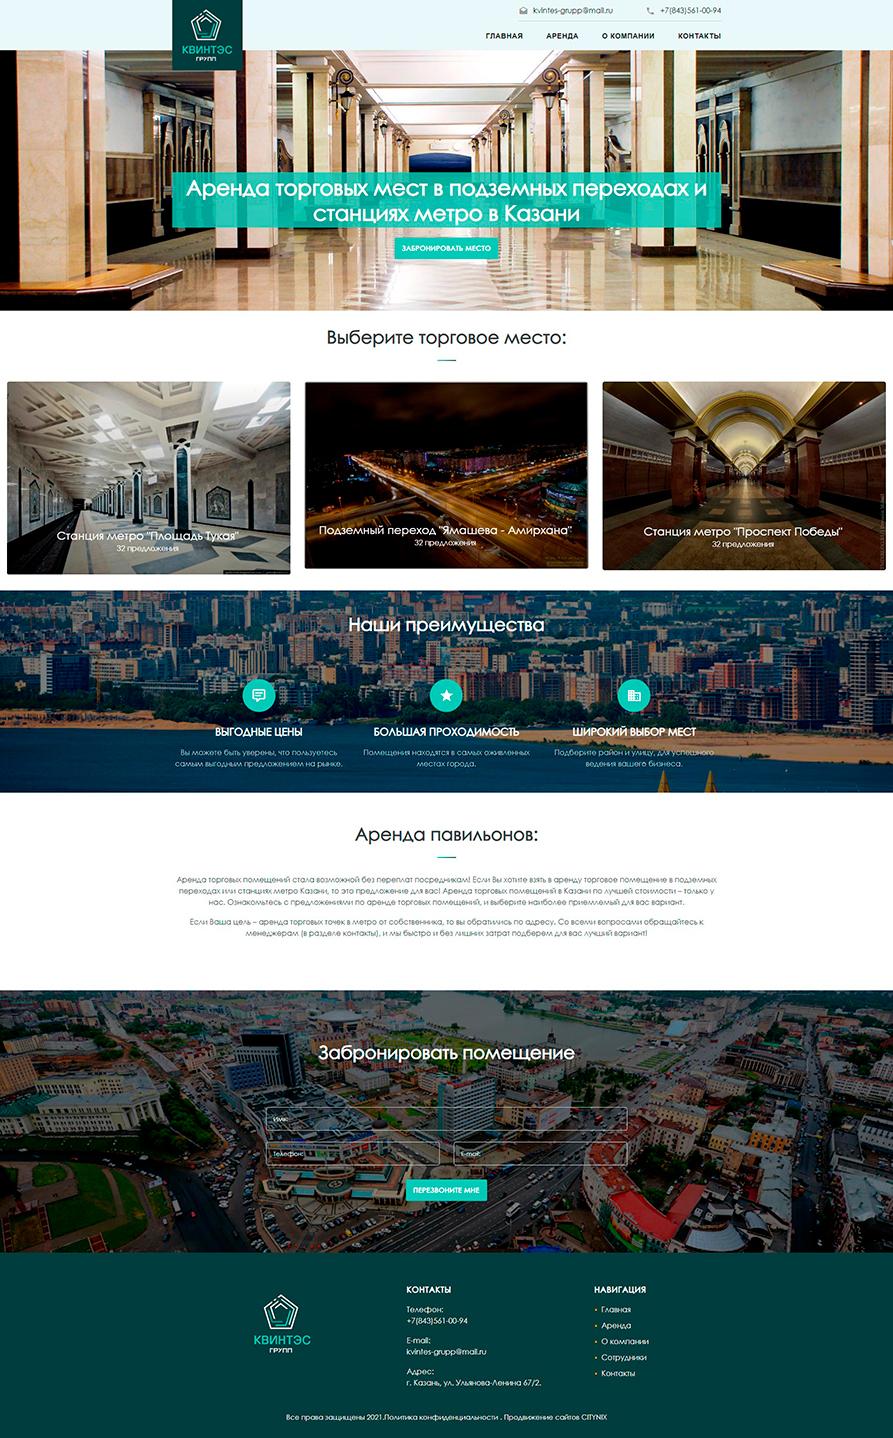 создание сайта аренда торговых мест